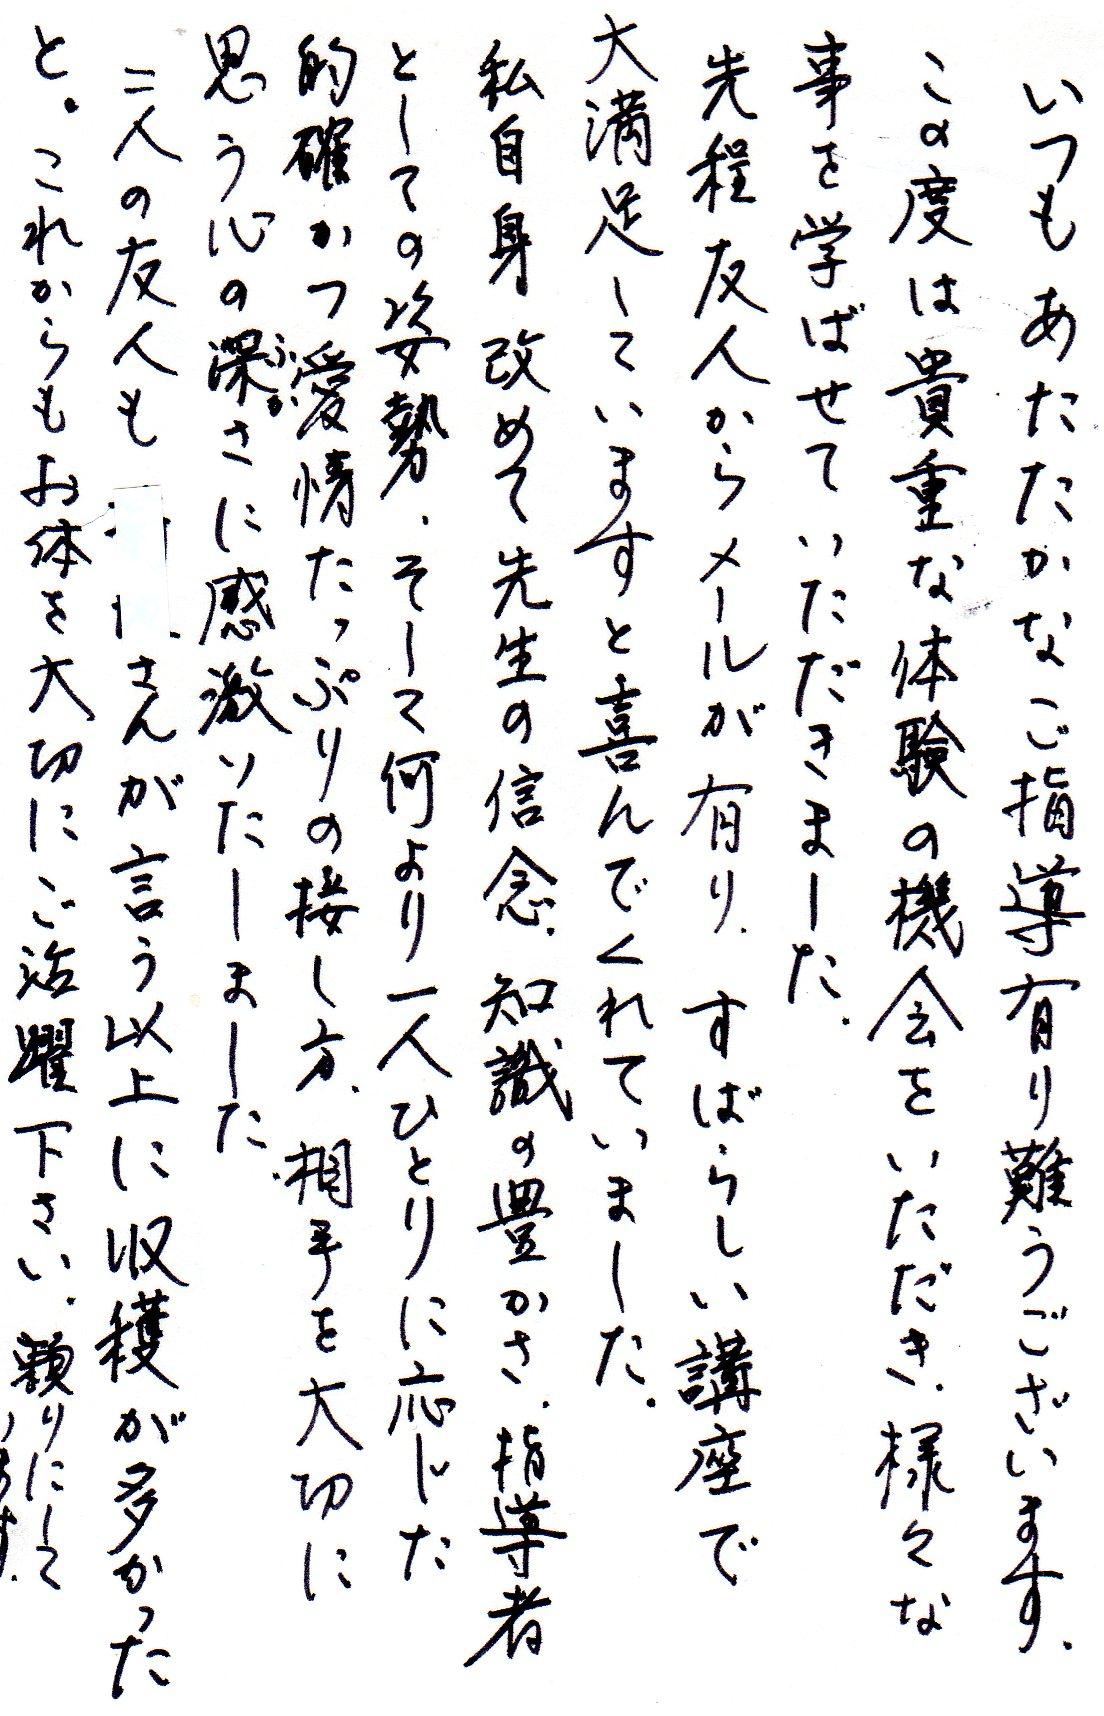 お客様から頂きた直筆のお手紙